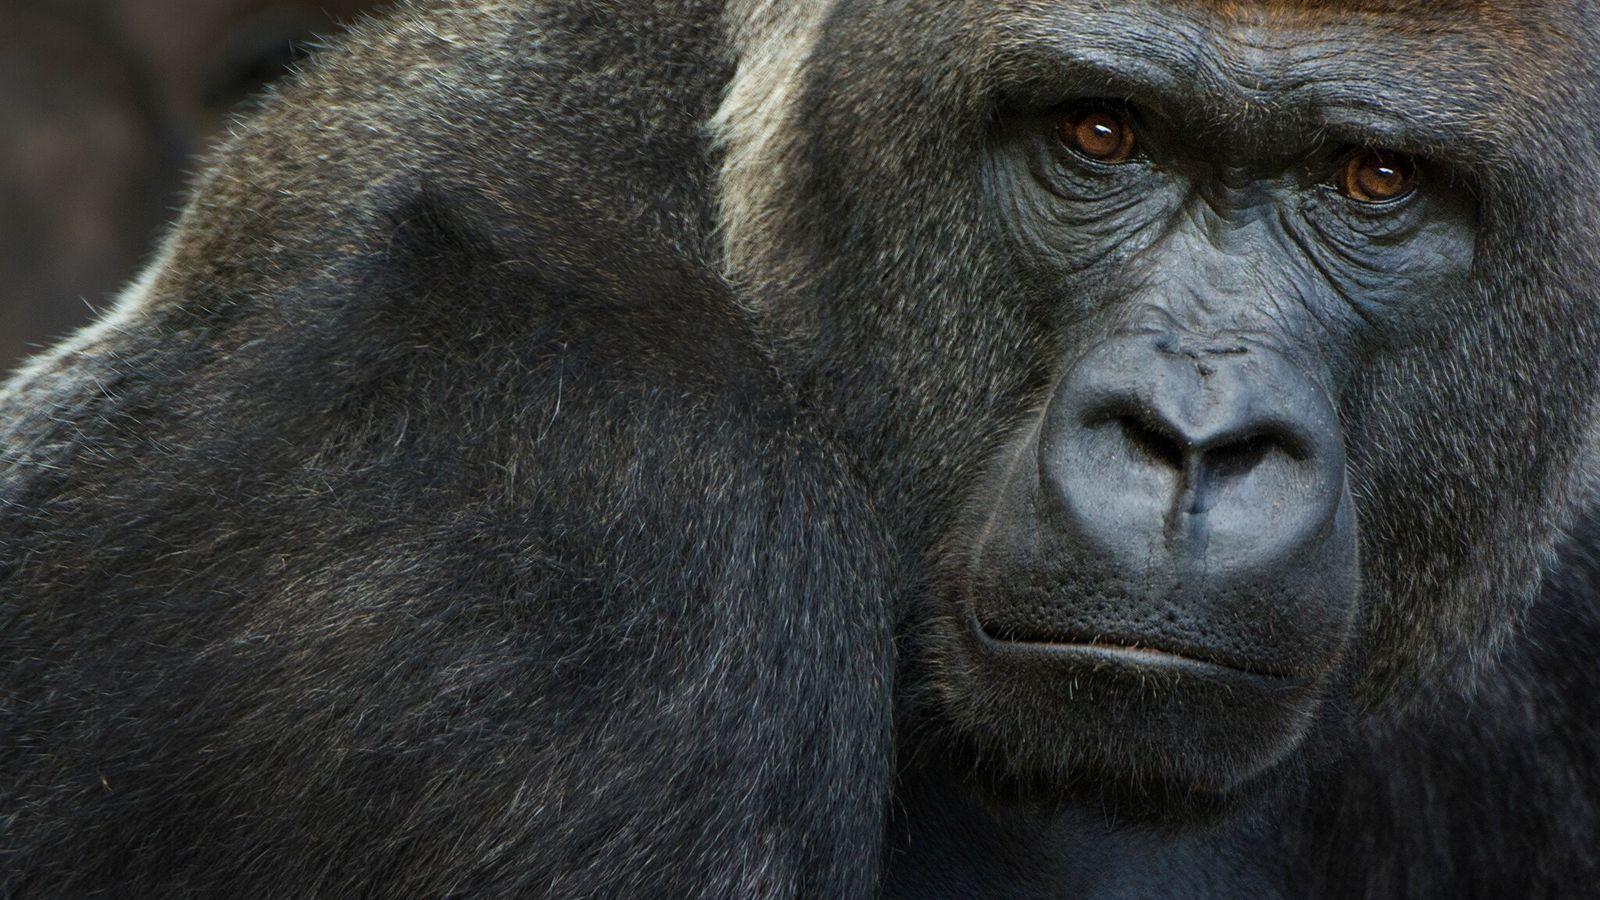 Los gorilas occidentales de llanura, una especie en peligro crítico de extinción, son susceptibles al nuevo ...